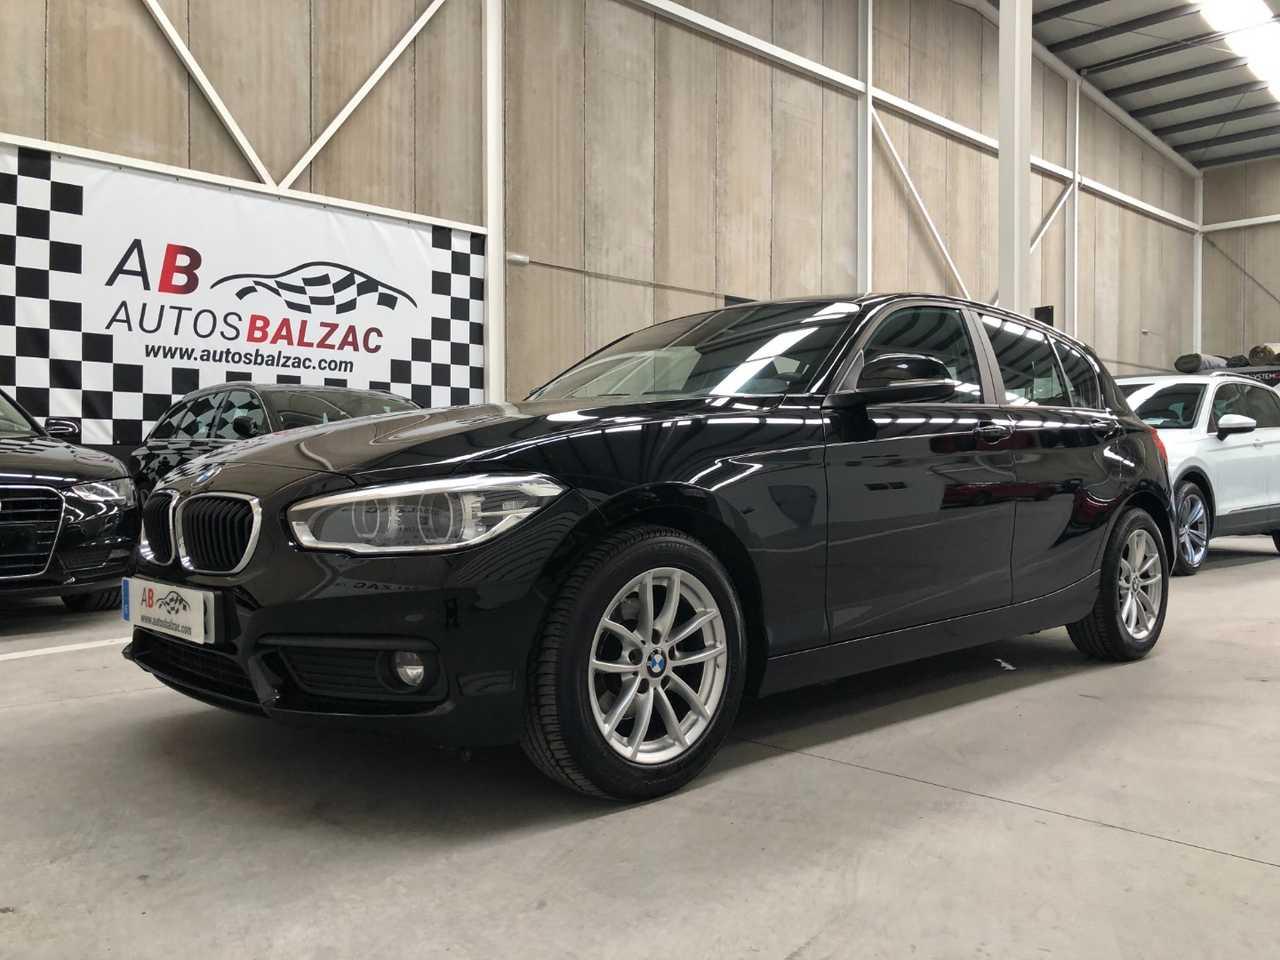 BMW Serie 1 118iA 135cvs   - Foto 1